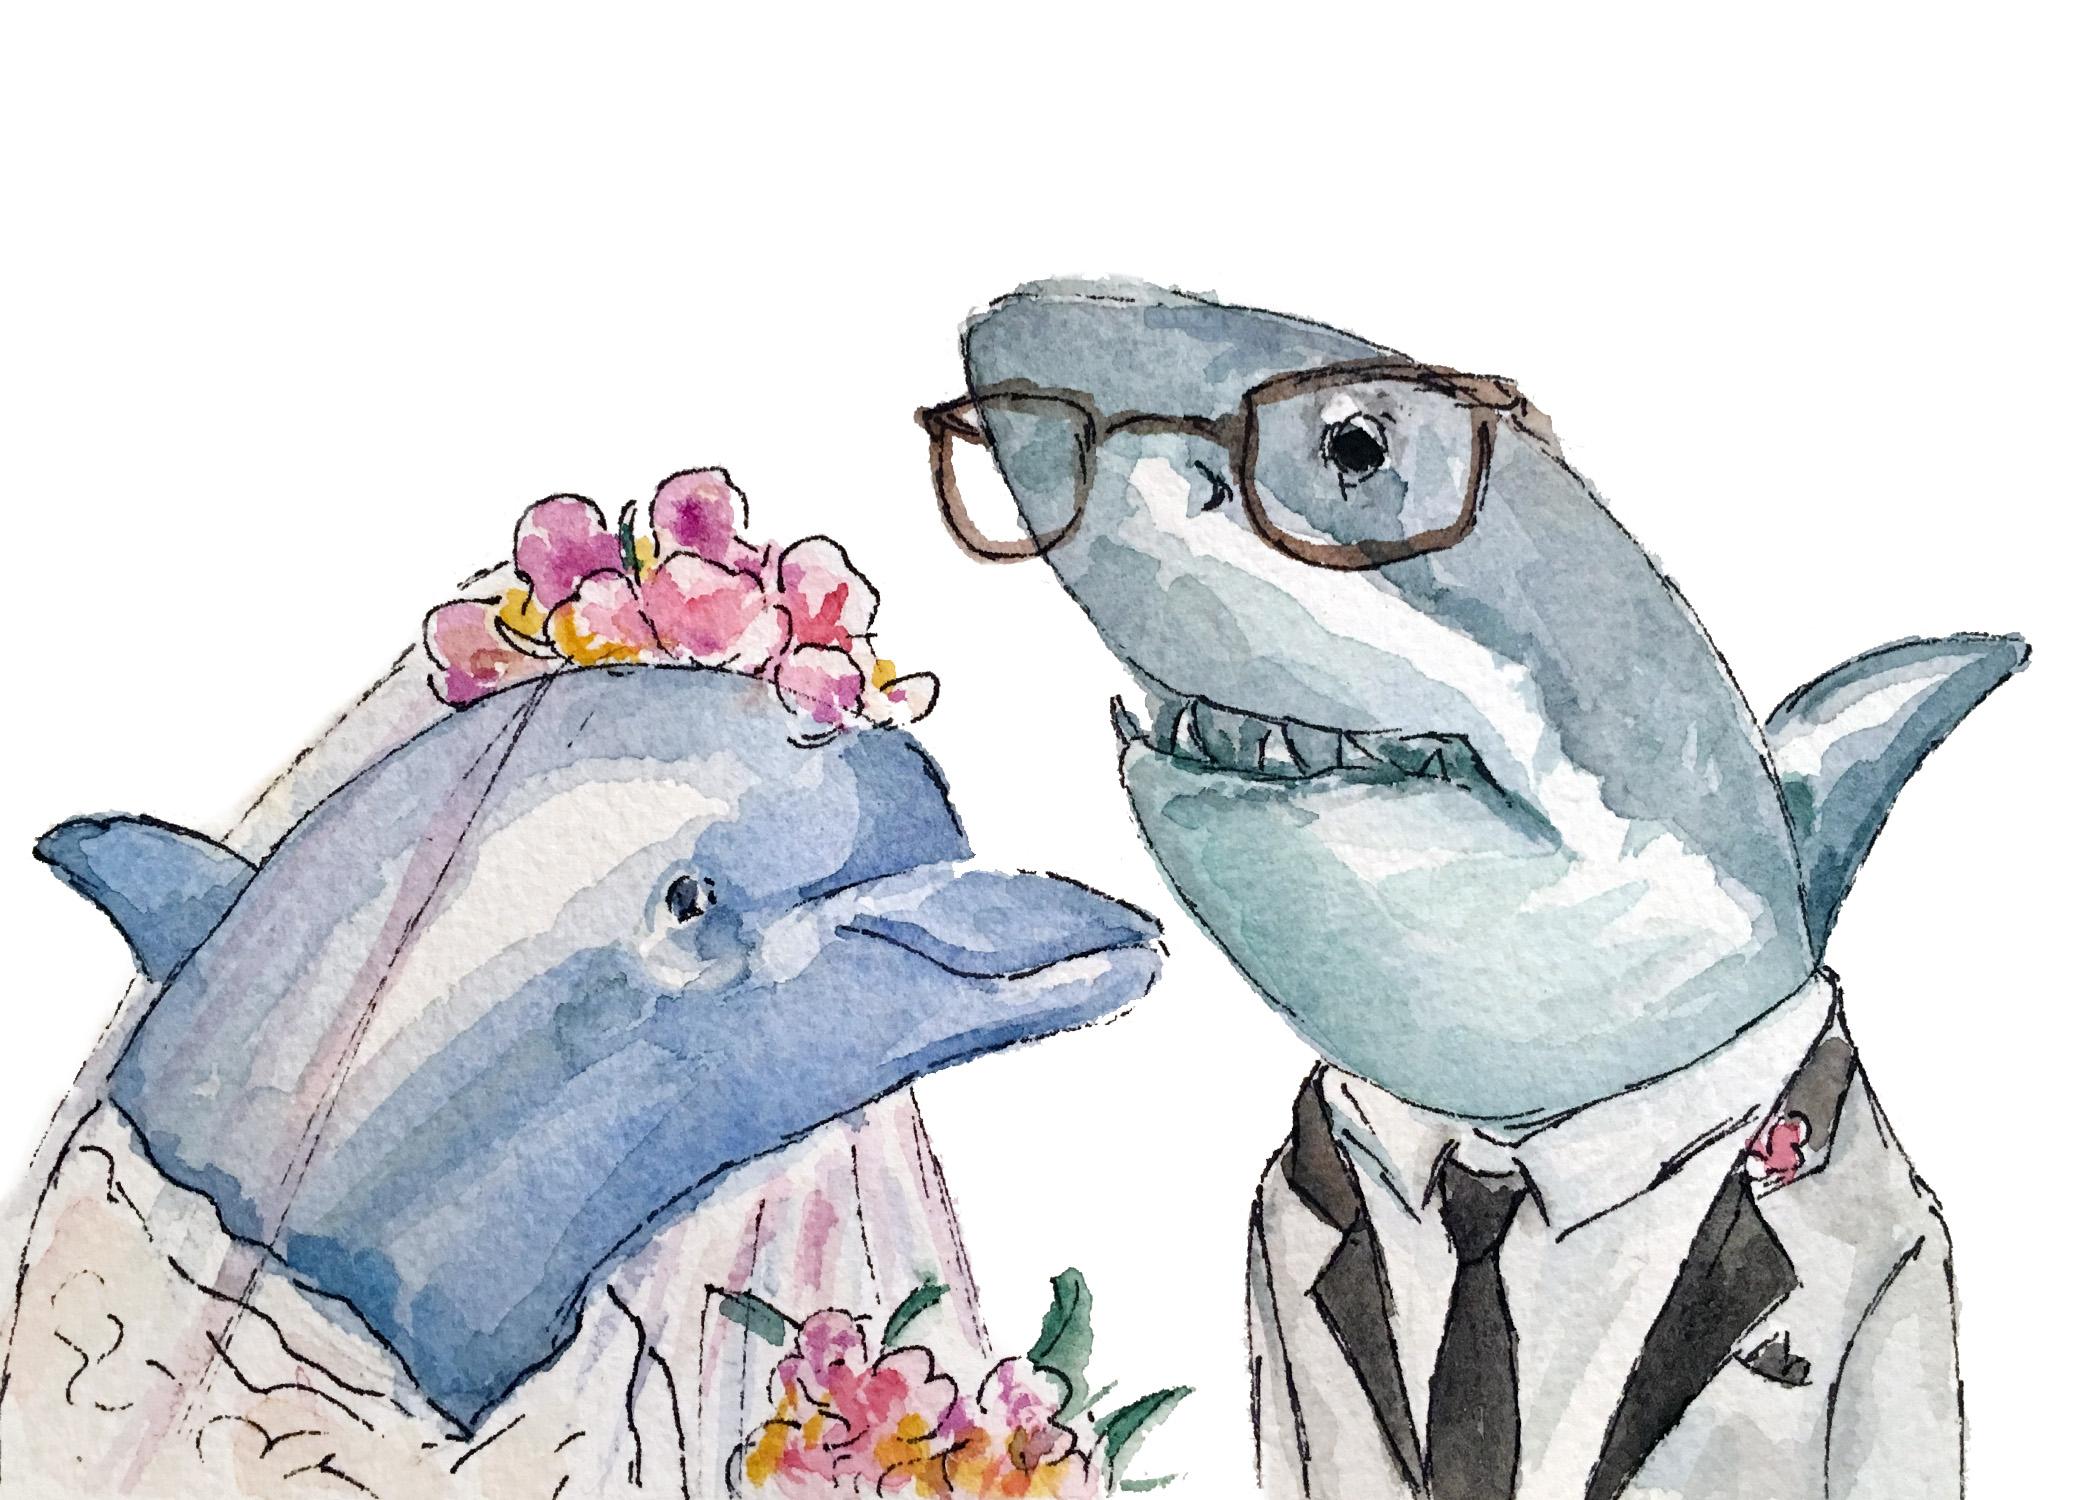 Dolphin and Shark Wedding